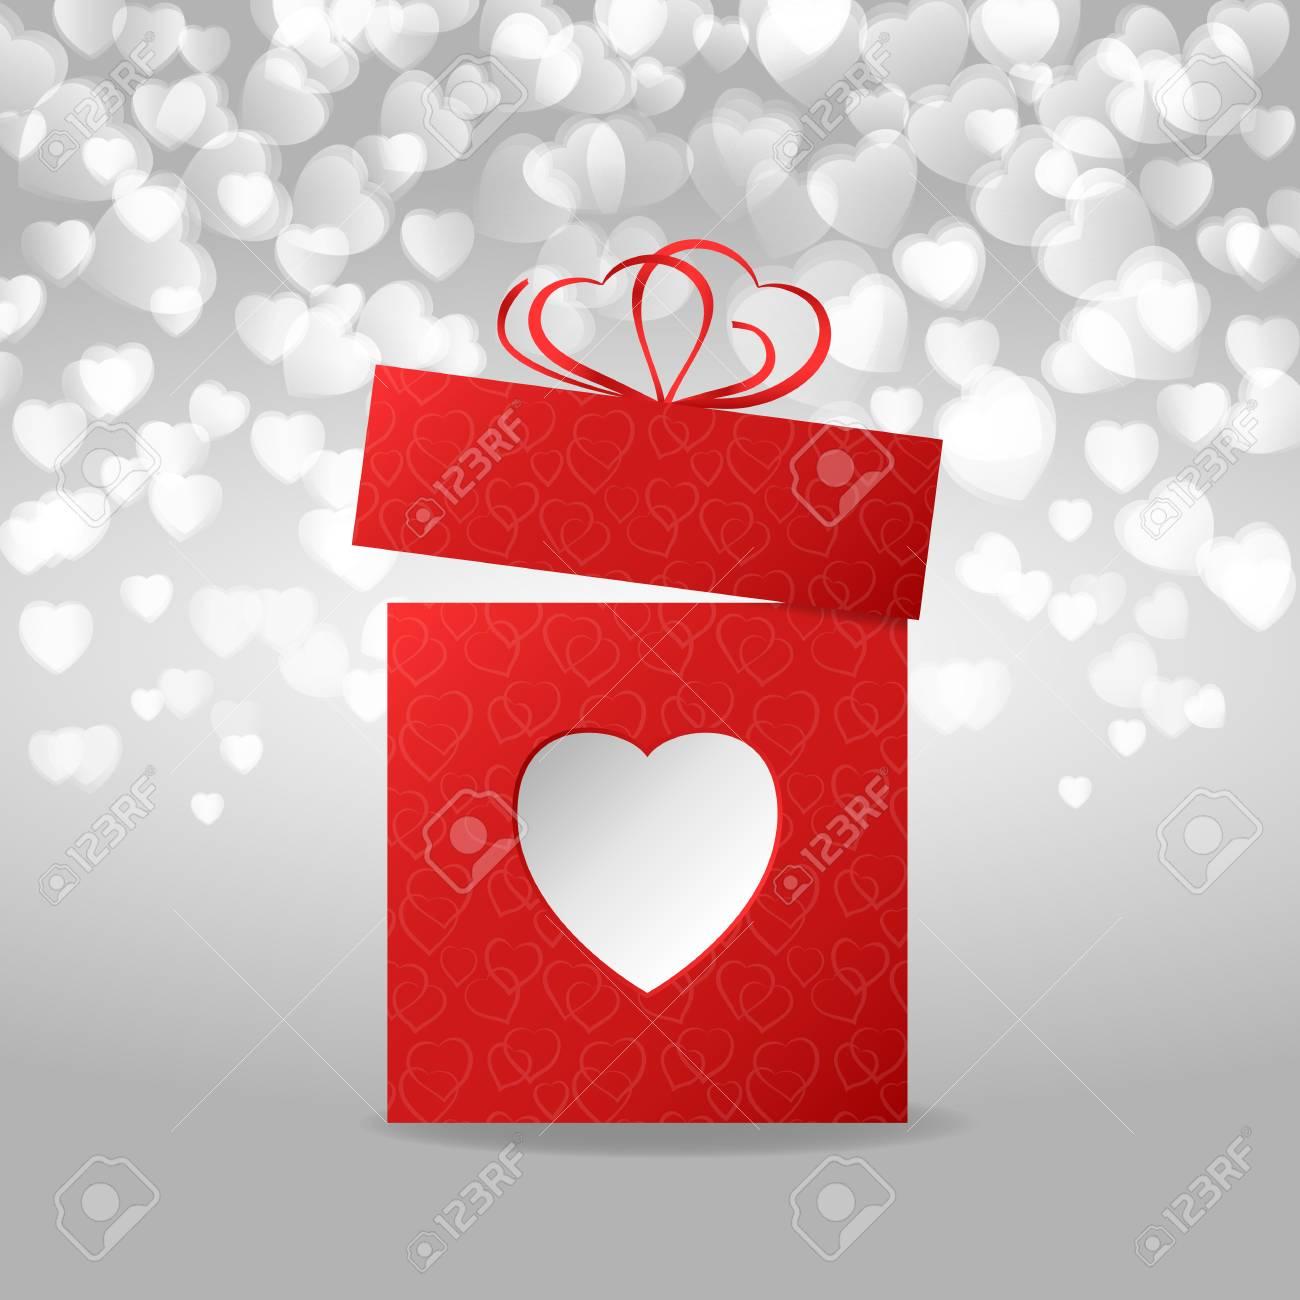 Scatola Regalo San Valentino.Scatola Regalo Rosso A San Valentino Priorita Bassa Del Bokeh Del Cuore Illustrazione Vettoriale